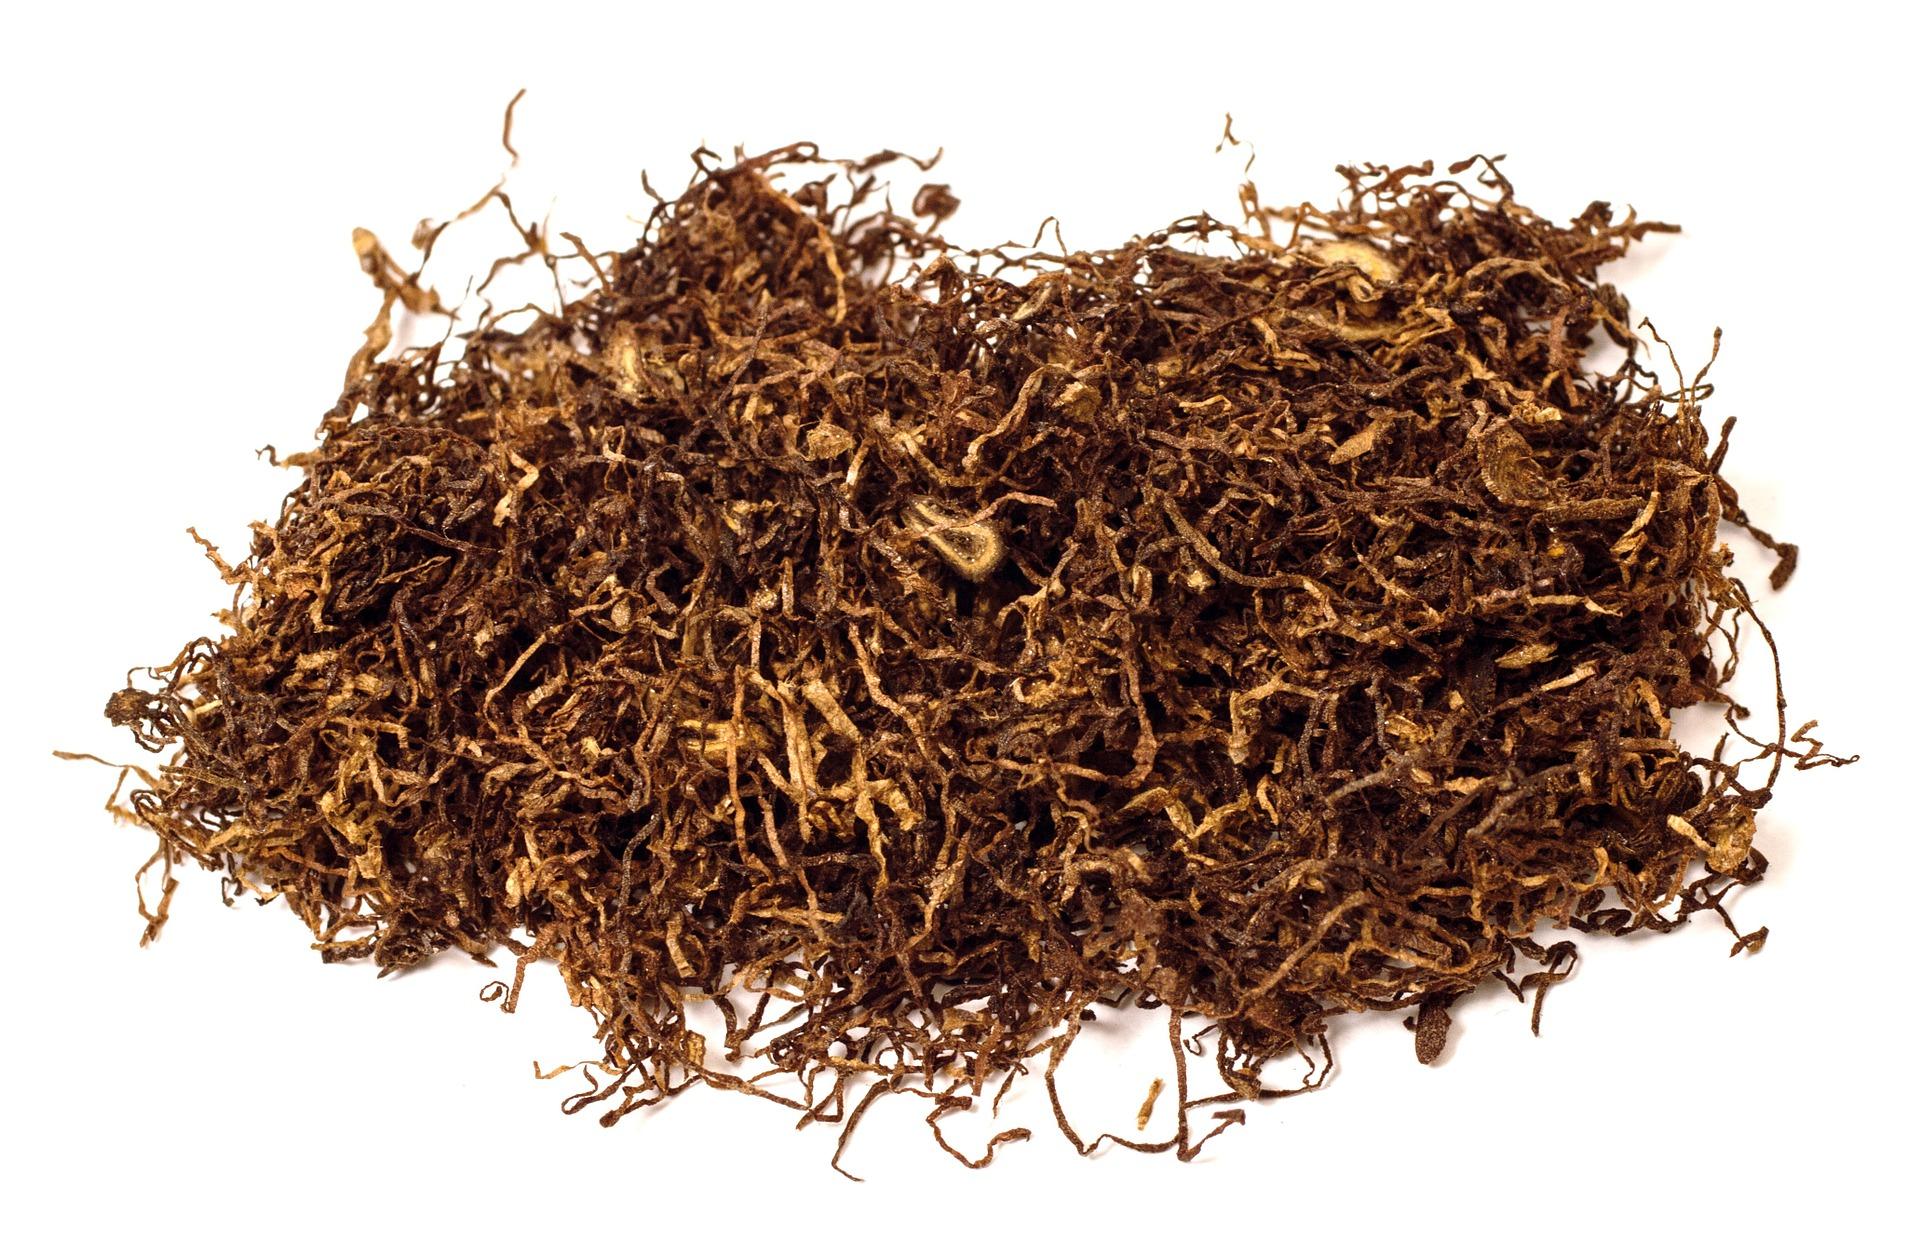 KAS zatrzymało przemyt papierosów wartych ponad 6 mln zł